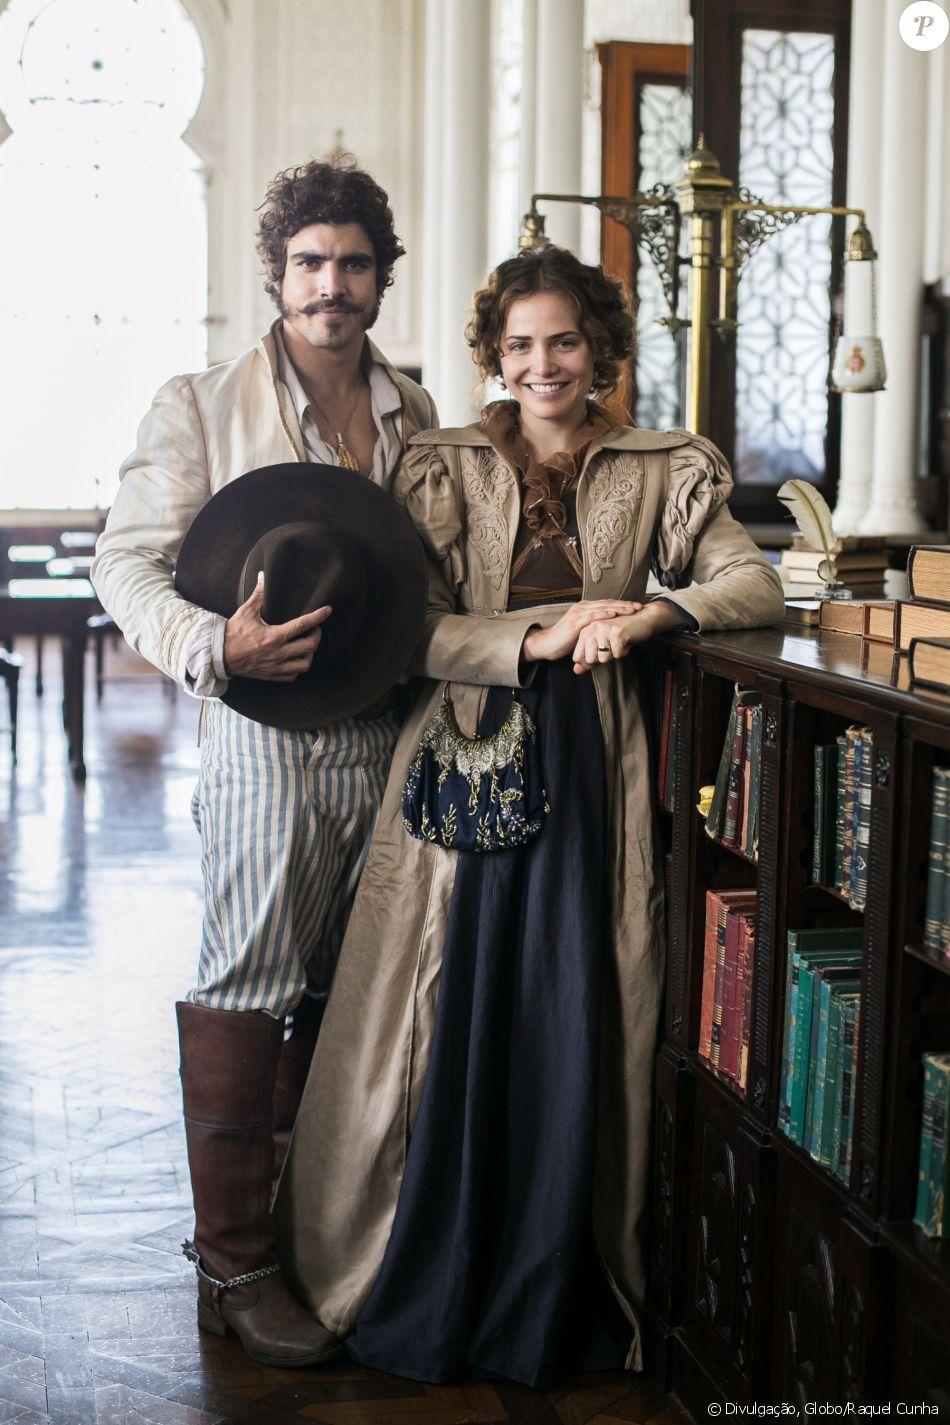 Caio Castro celebra parceria com Letícia Collin na novela 'Novo Mundo':  'Muito talentosa' - Purepeople